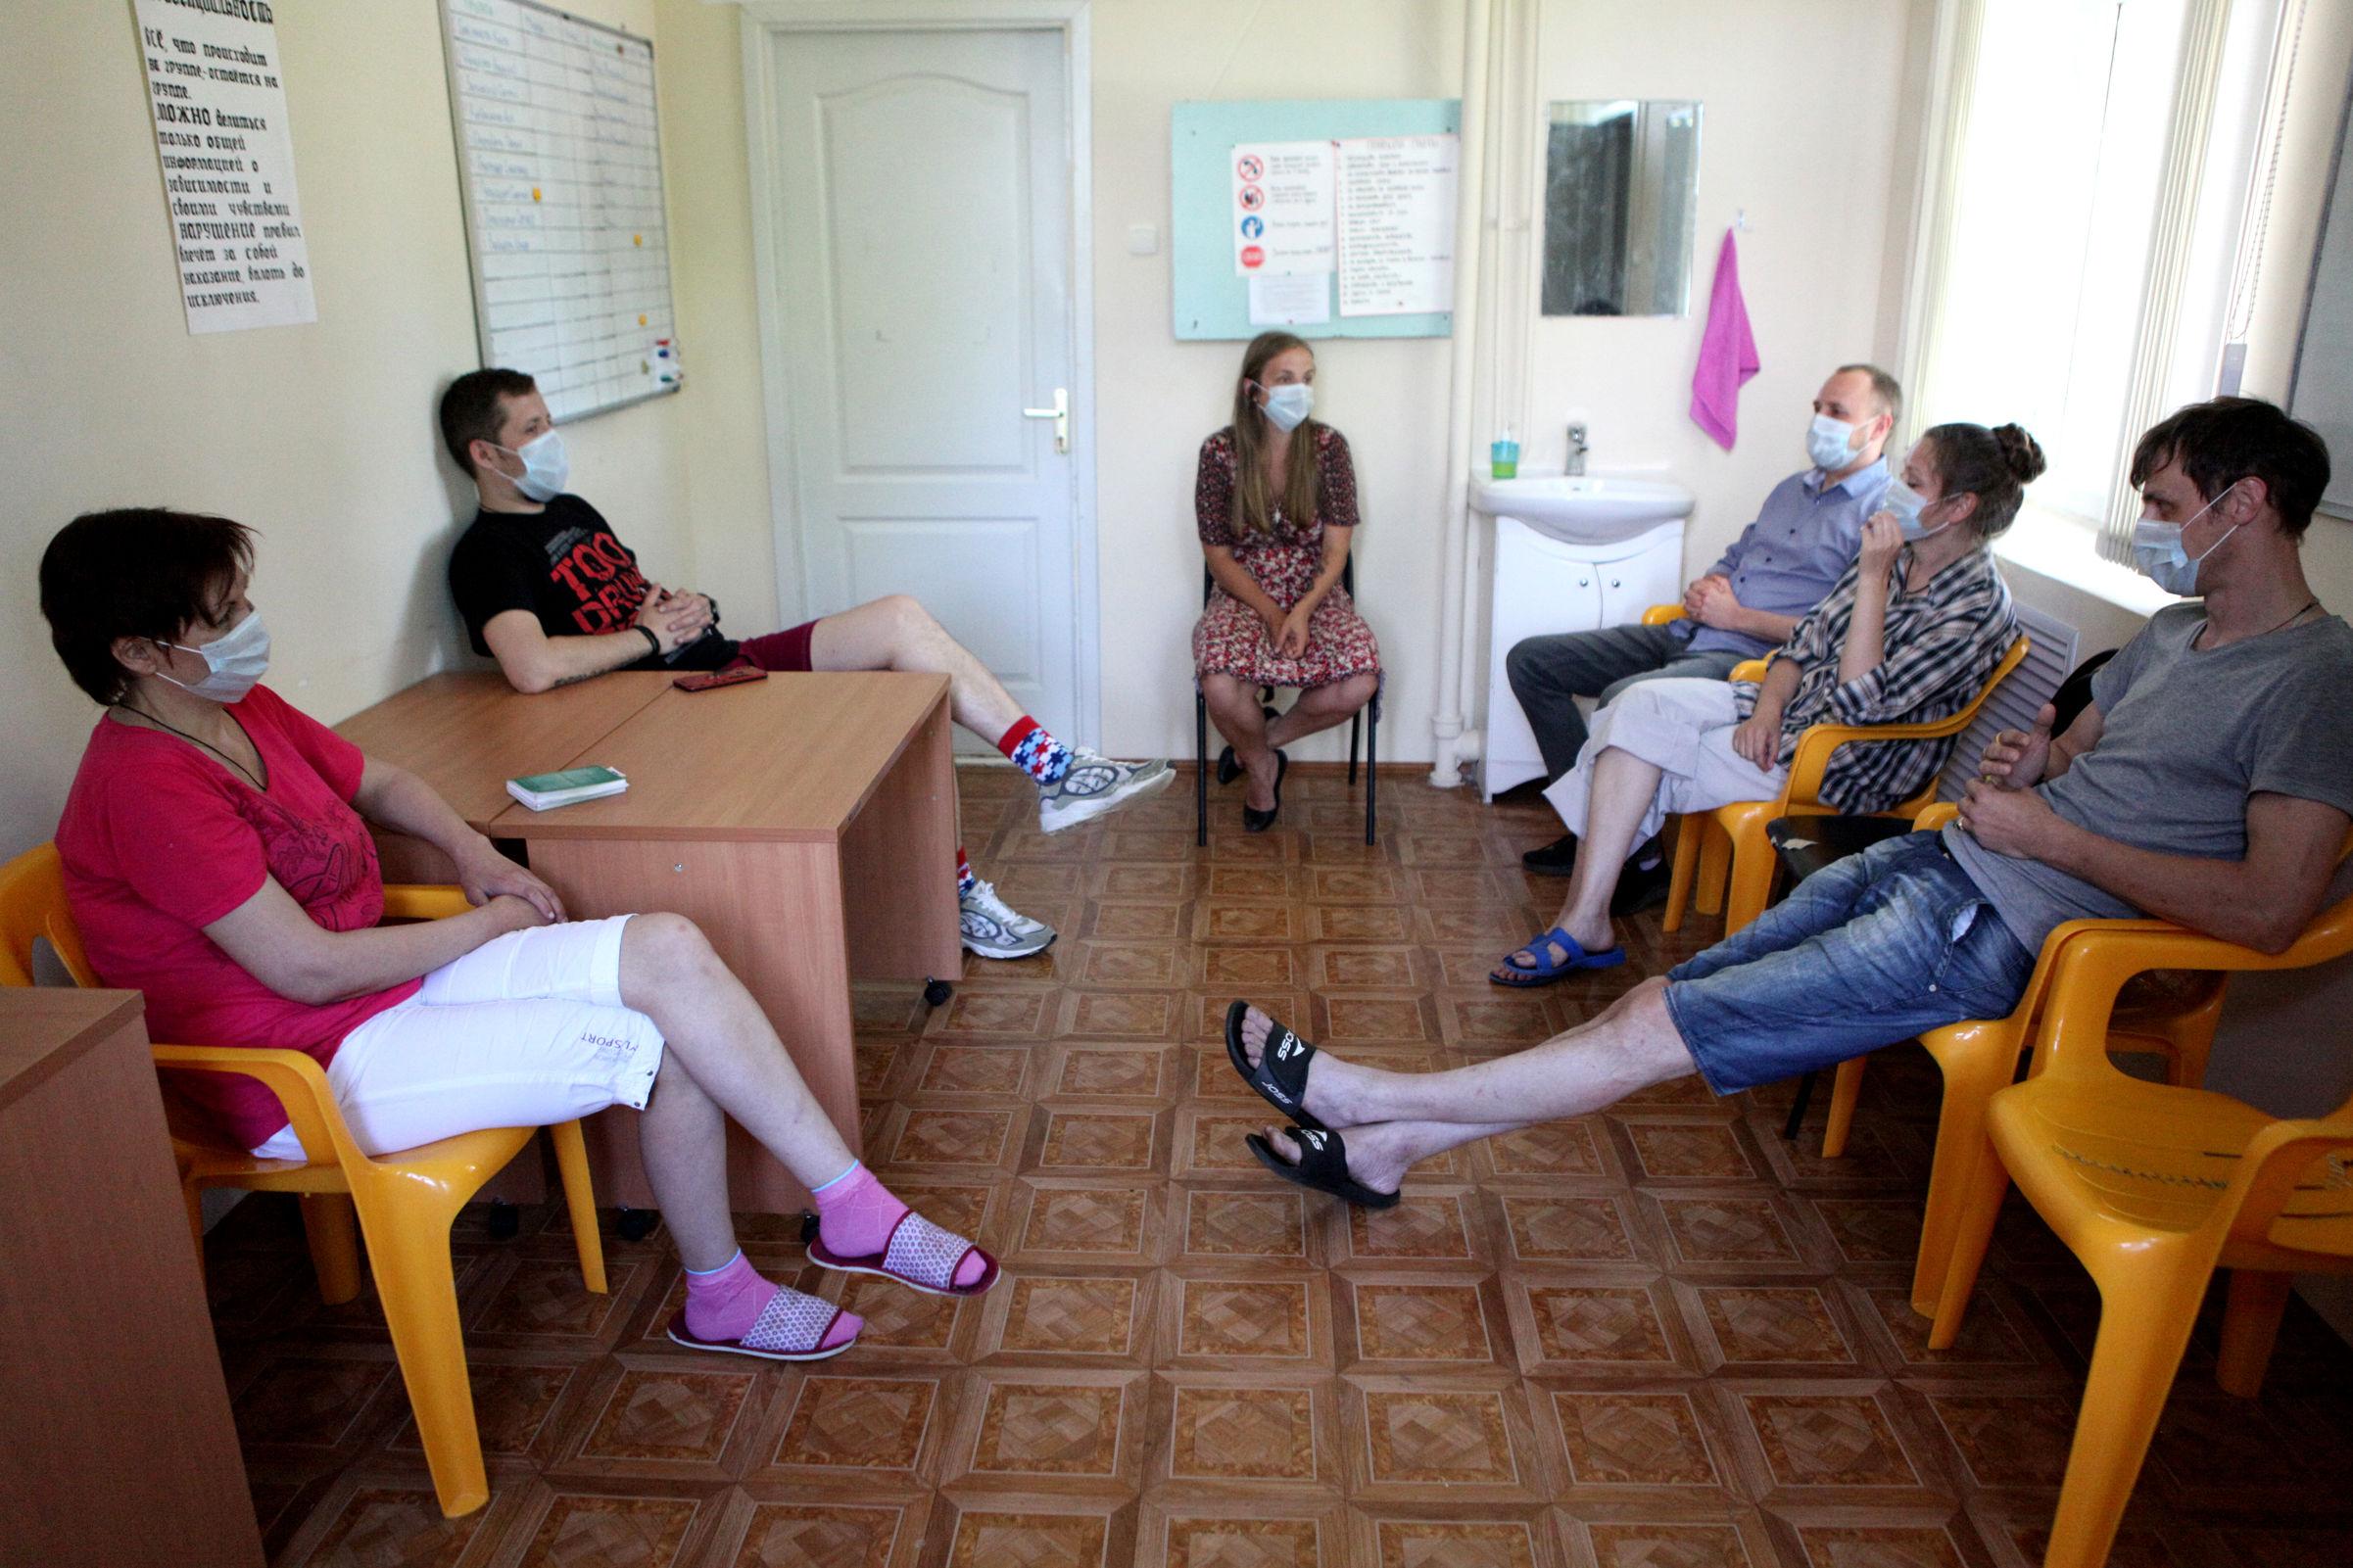 Выйти из штопора. Как реабилитируют ярославцев, у которых есть проблемы с алкоголем или наркотиками